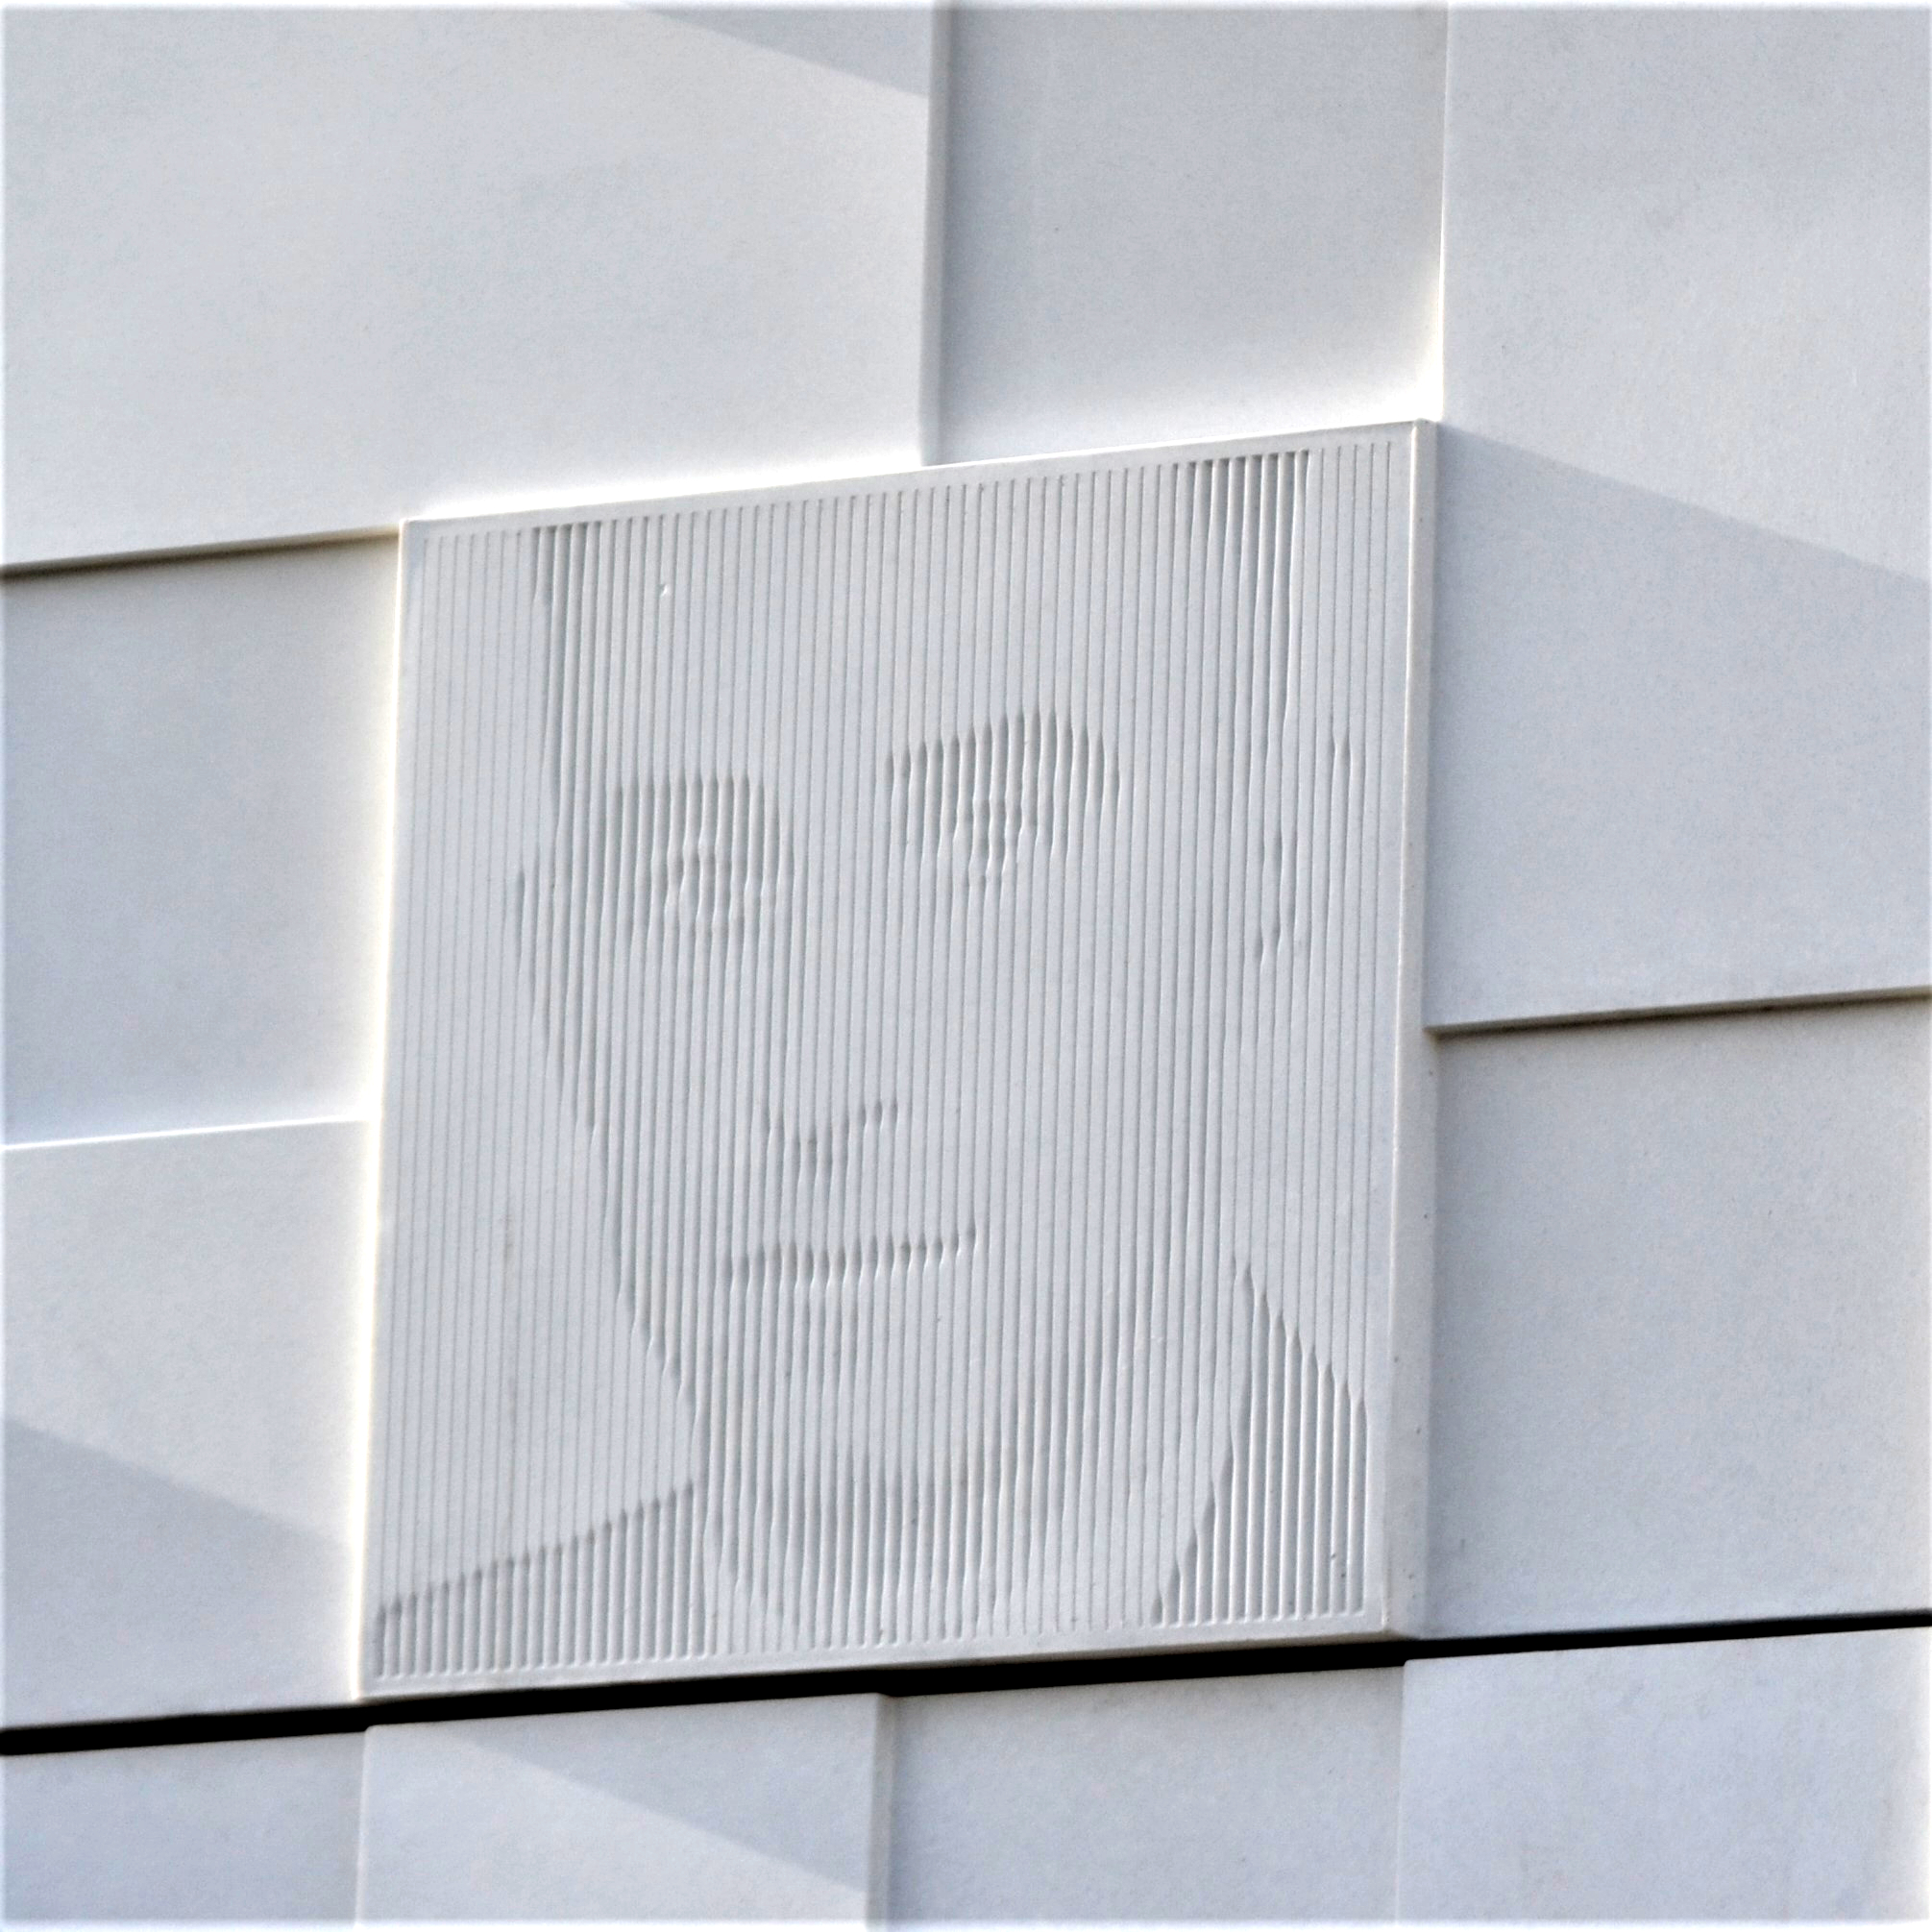 Moschter-Fassade-COPYRIGHT-DEUTSCHES-AUSWANDERERHAUS